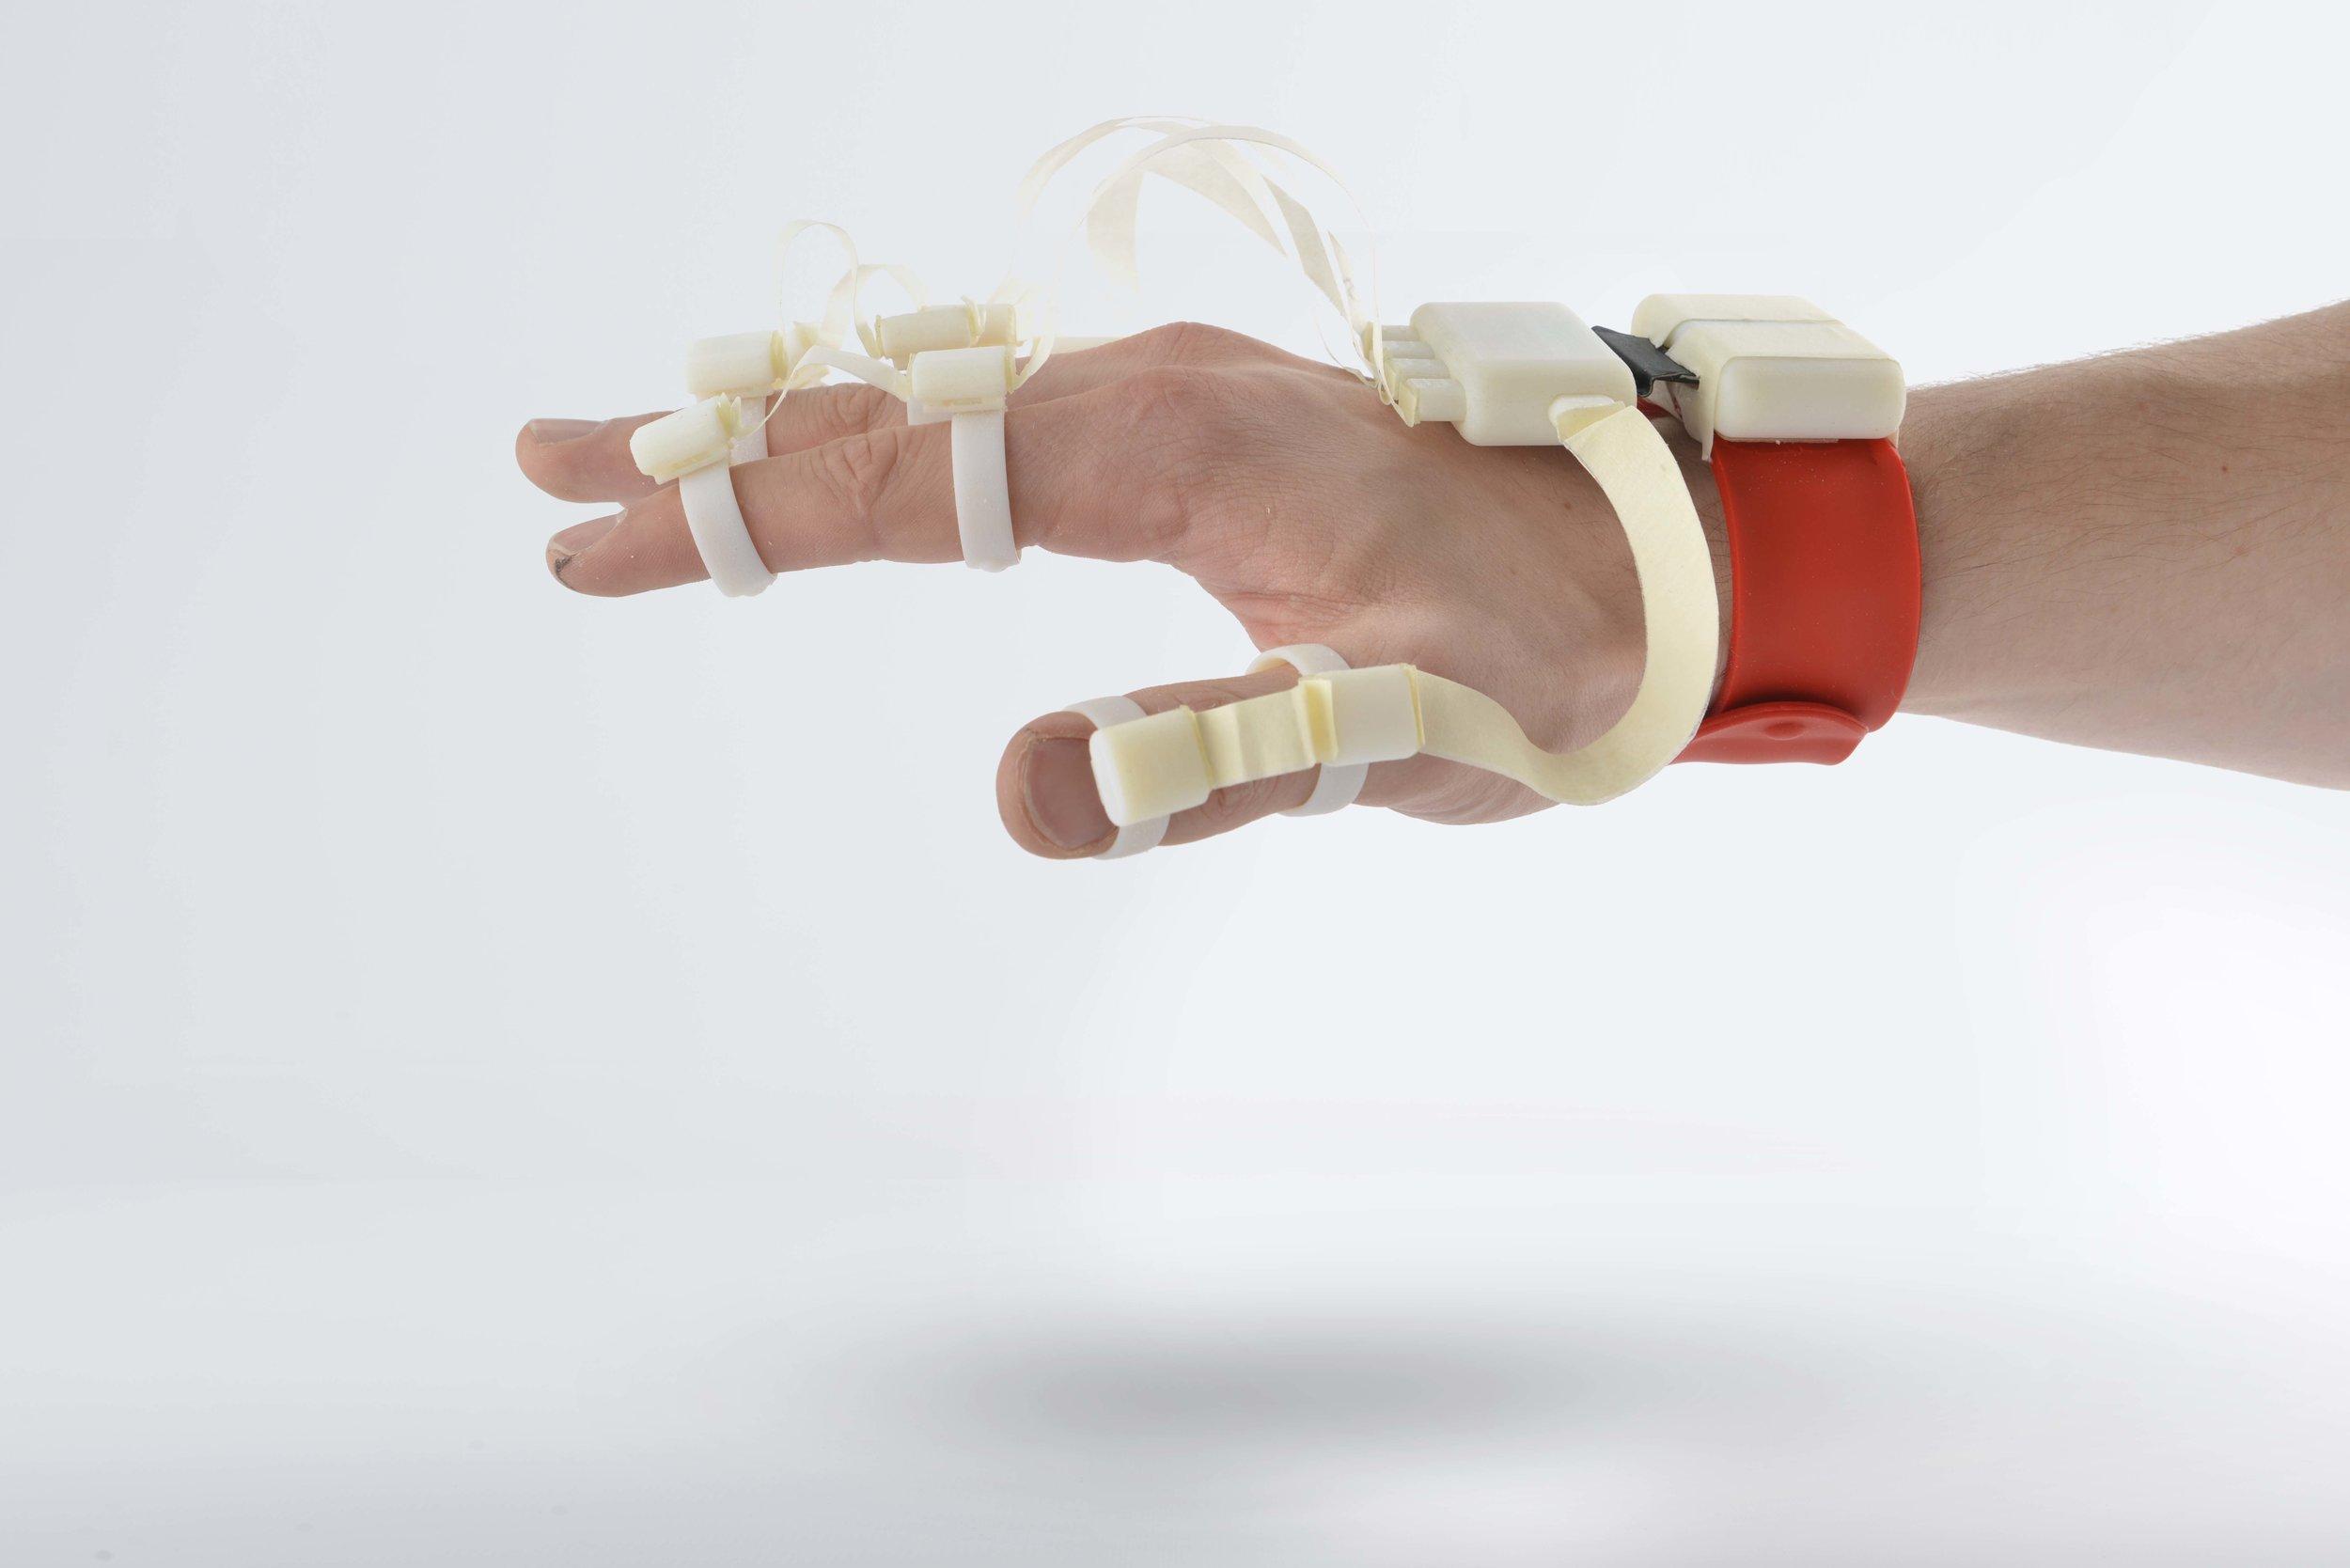 Hand flexibility rig_01.jpg